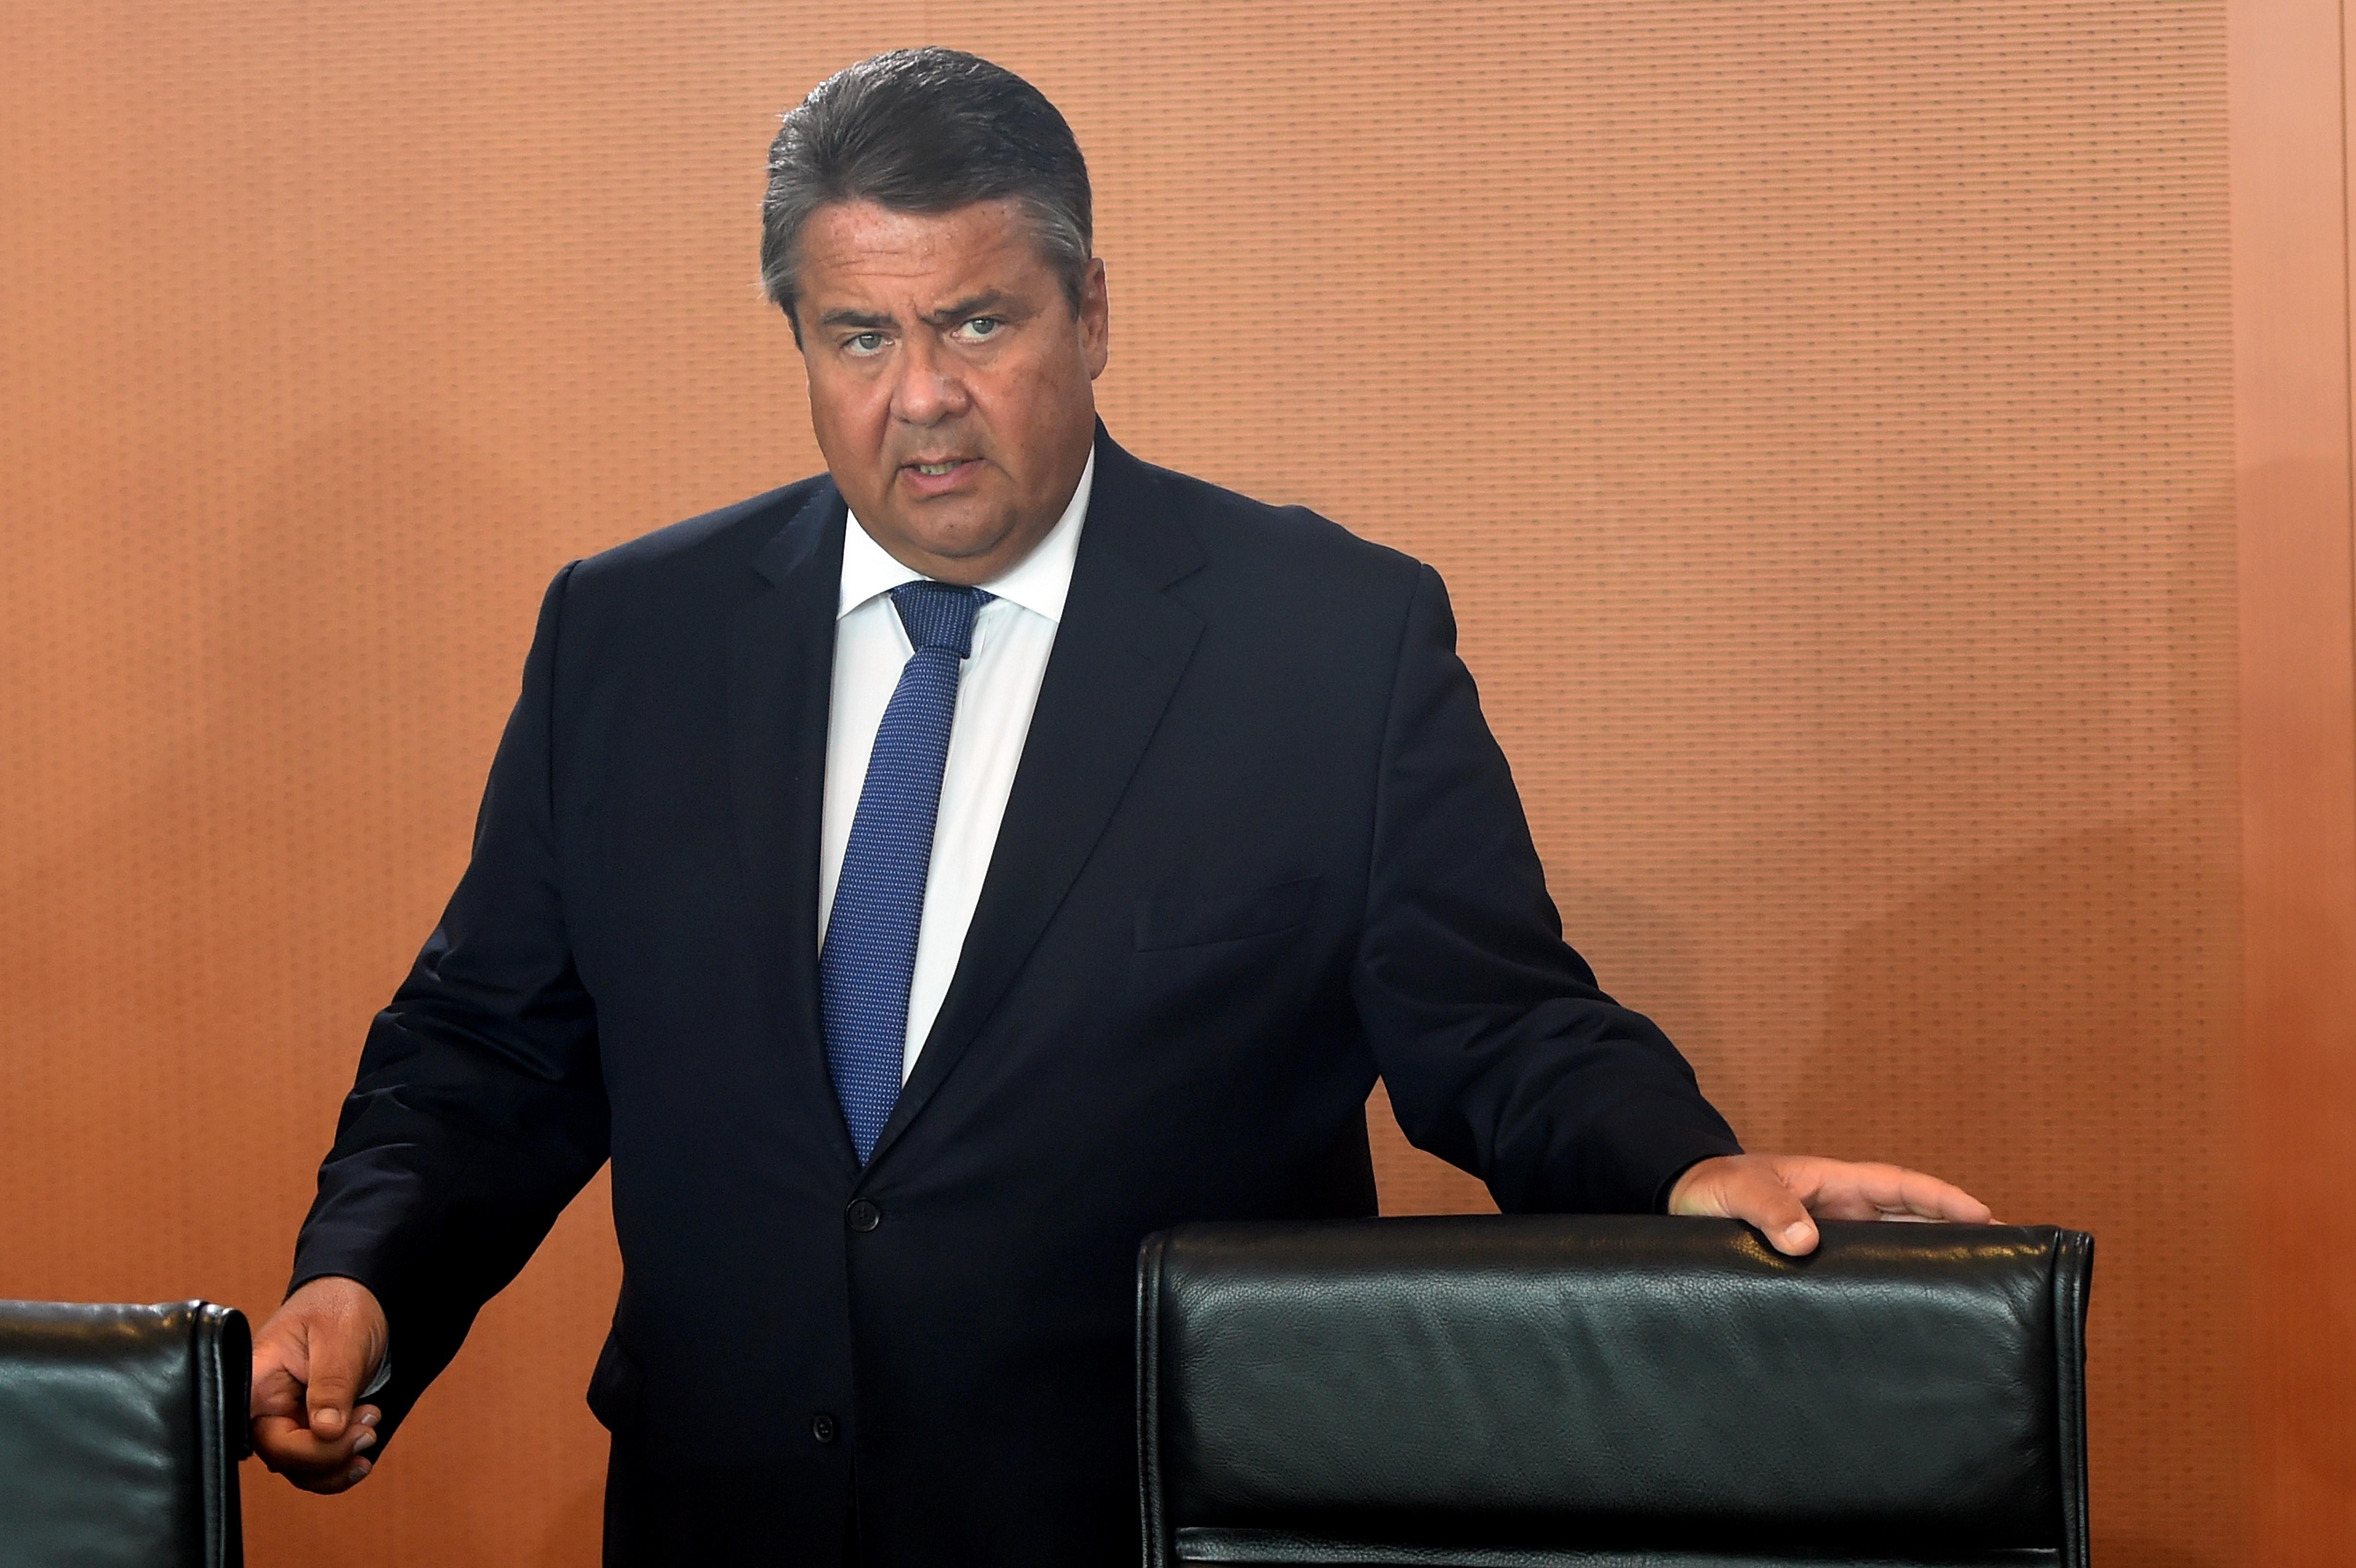 Berlin irányváltást jelentett be a német-török viszonyban, mert szerintük Ankara hátat fordított az európai értékeknek